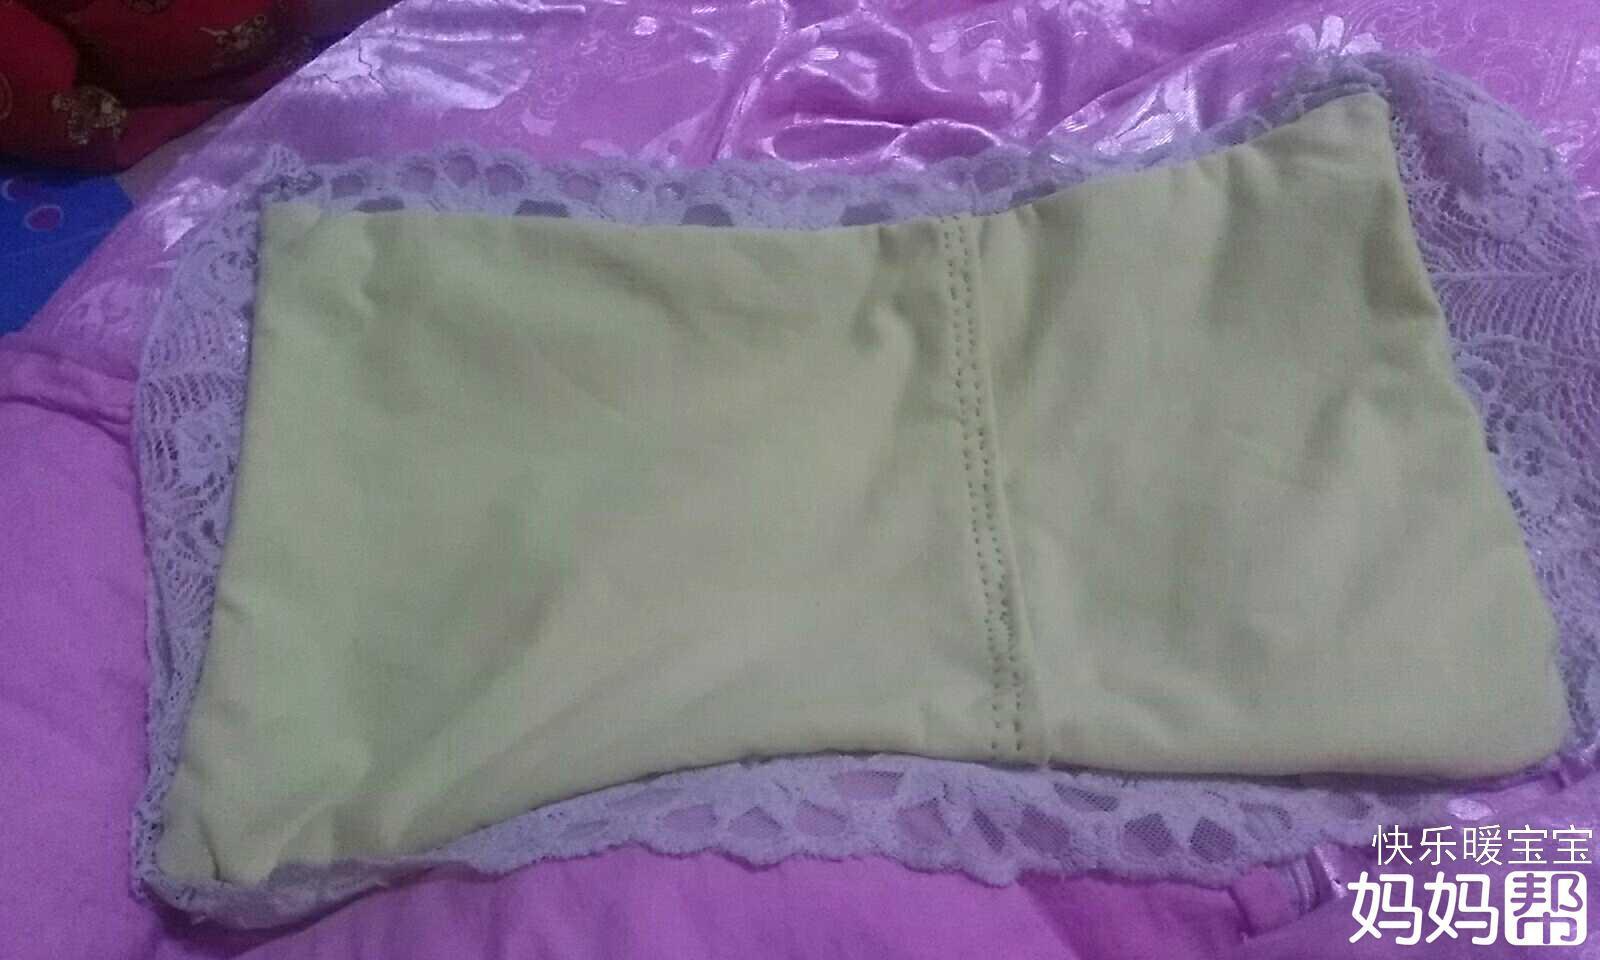 最近特别喜欢手工,用旧衣服为闺女做了个